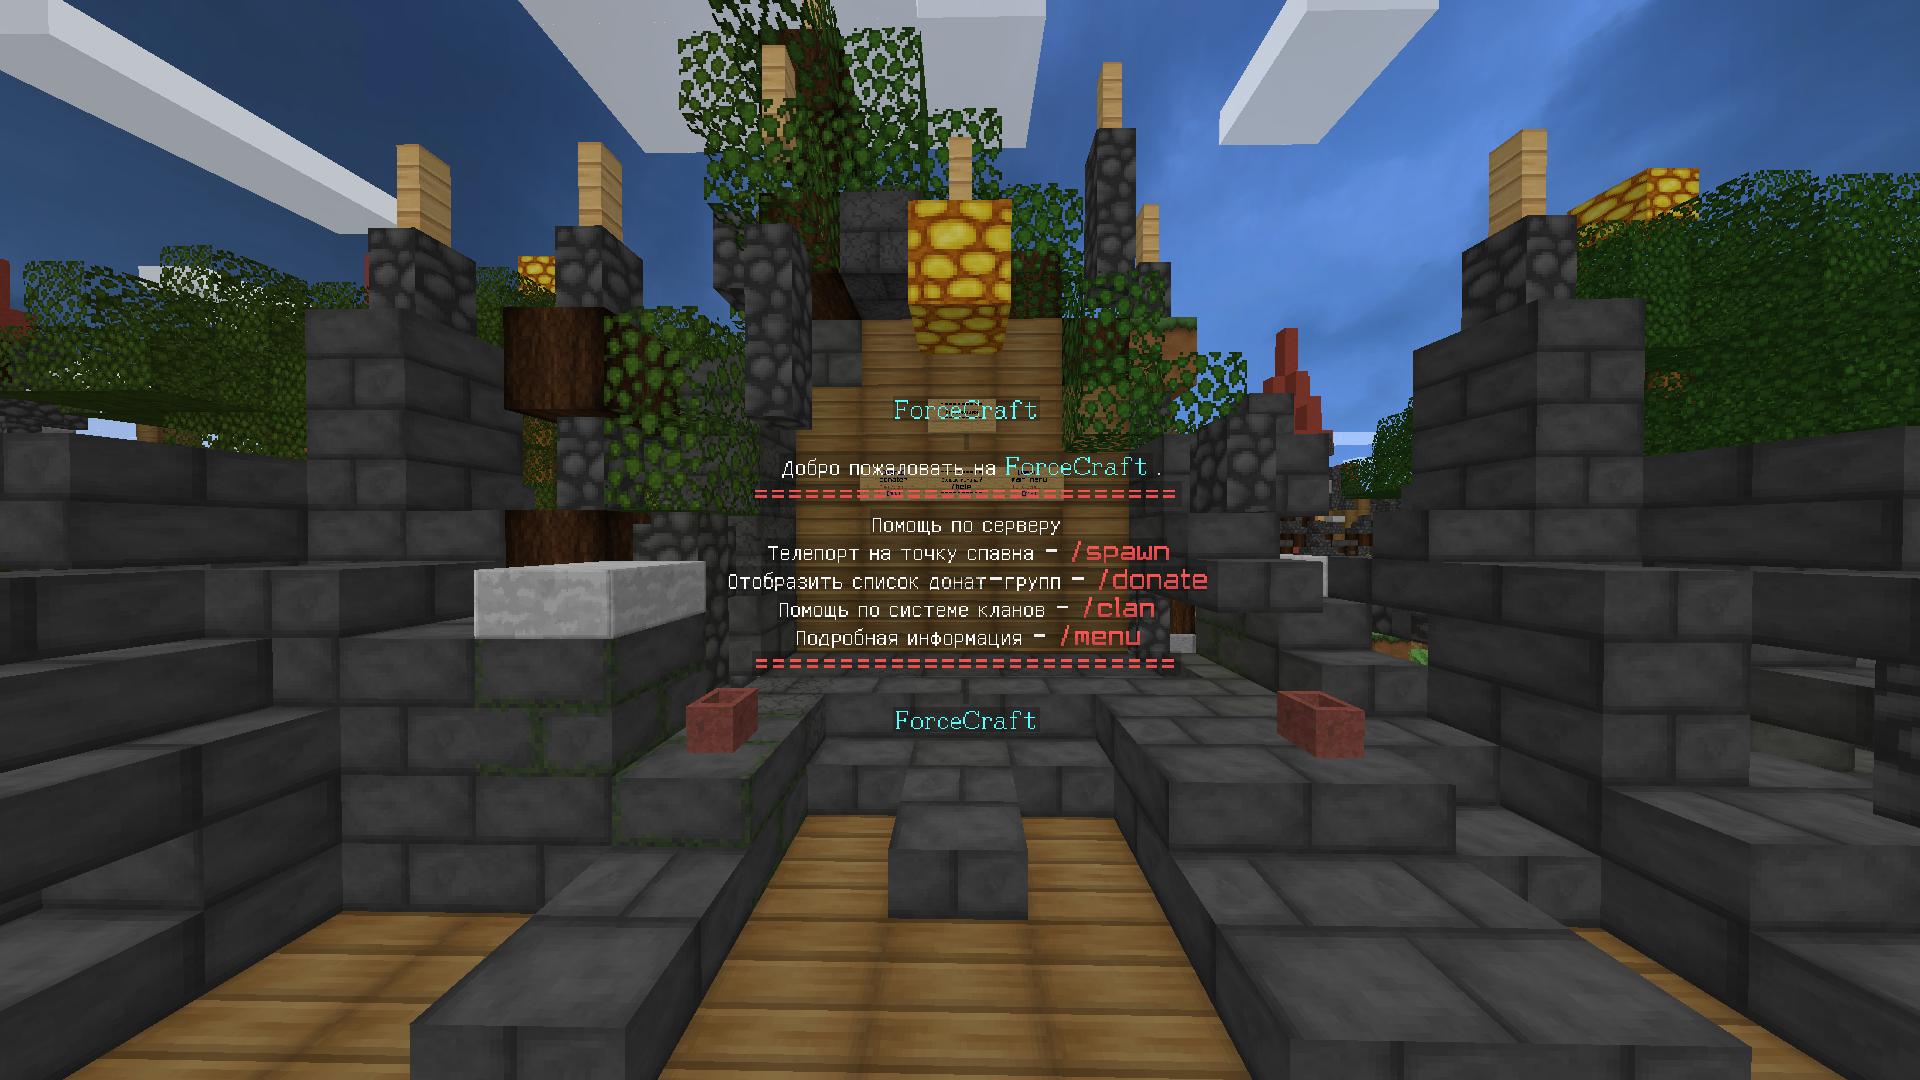 умело сервер для майнкрафт с петами картинка сервера скелет и паук целом, это